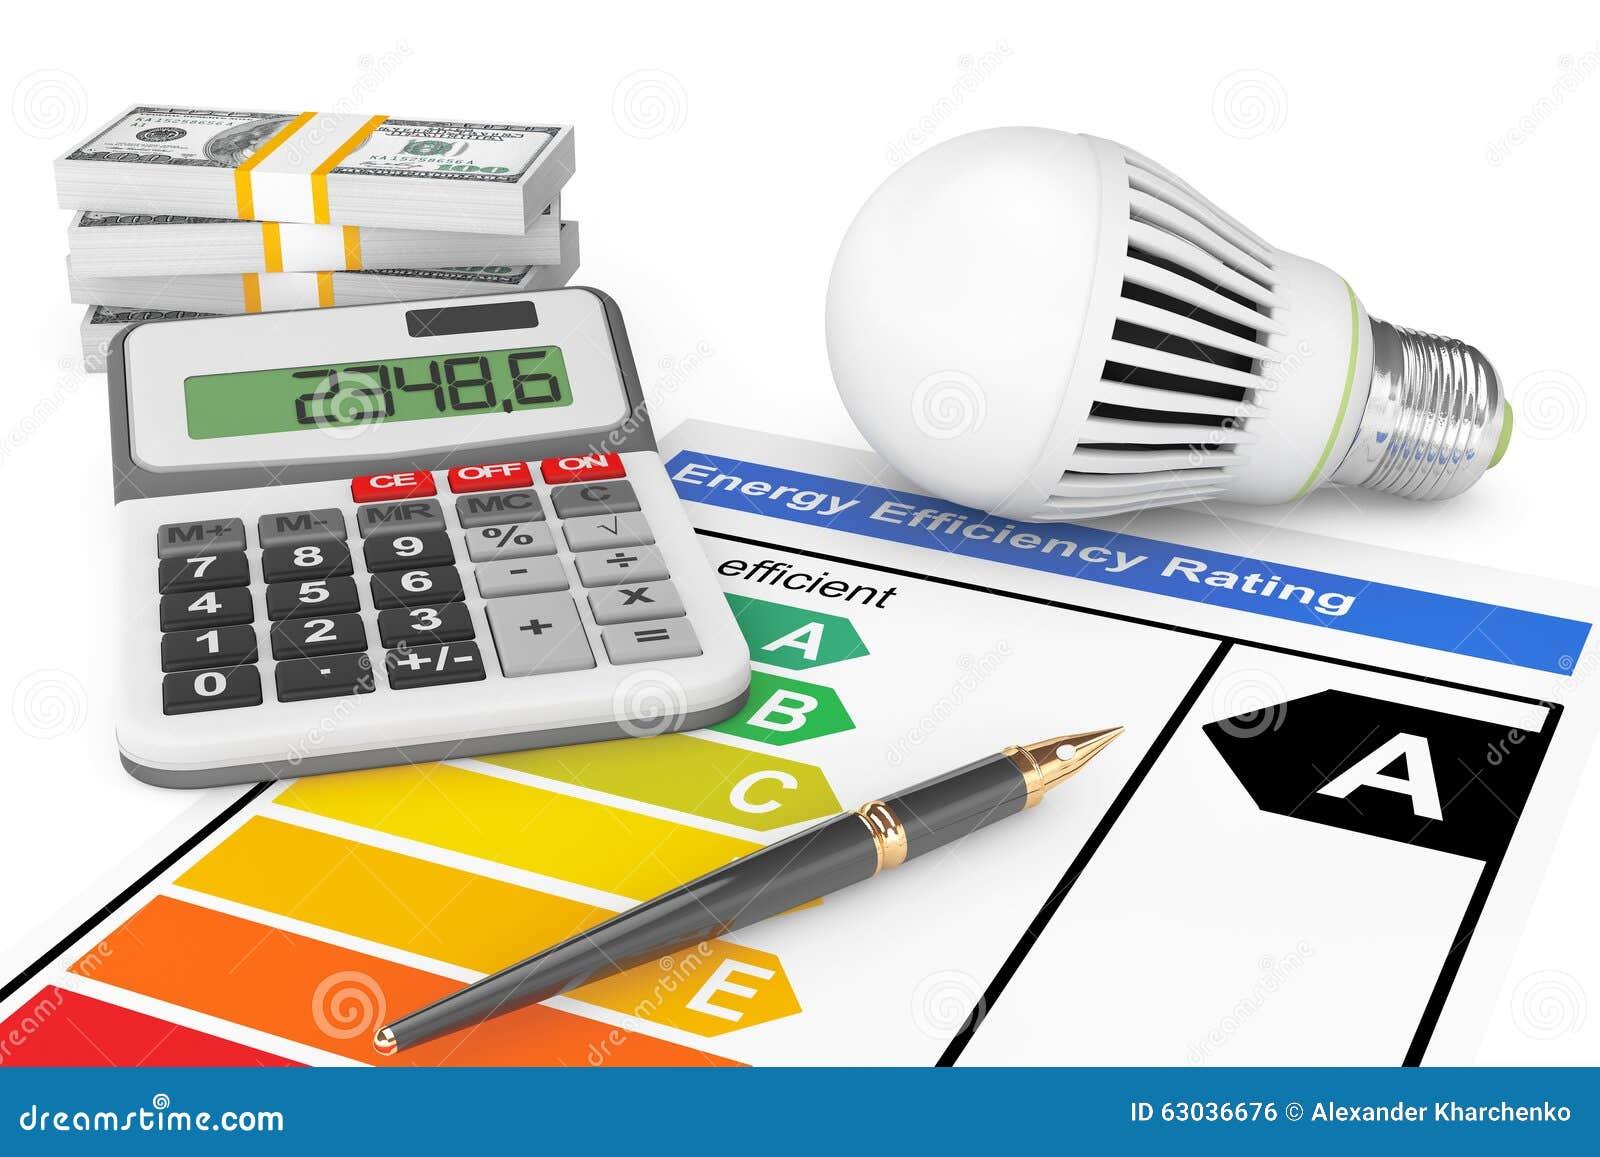 Led L'ampoule Estimation Rendement Énergétique De Avec kw0PnON8XZ